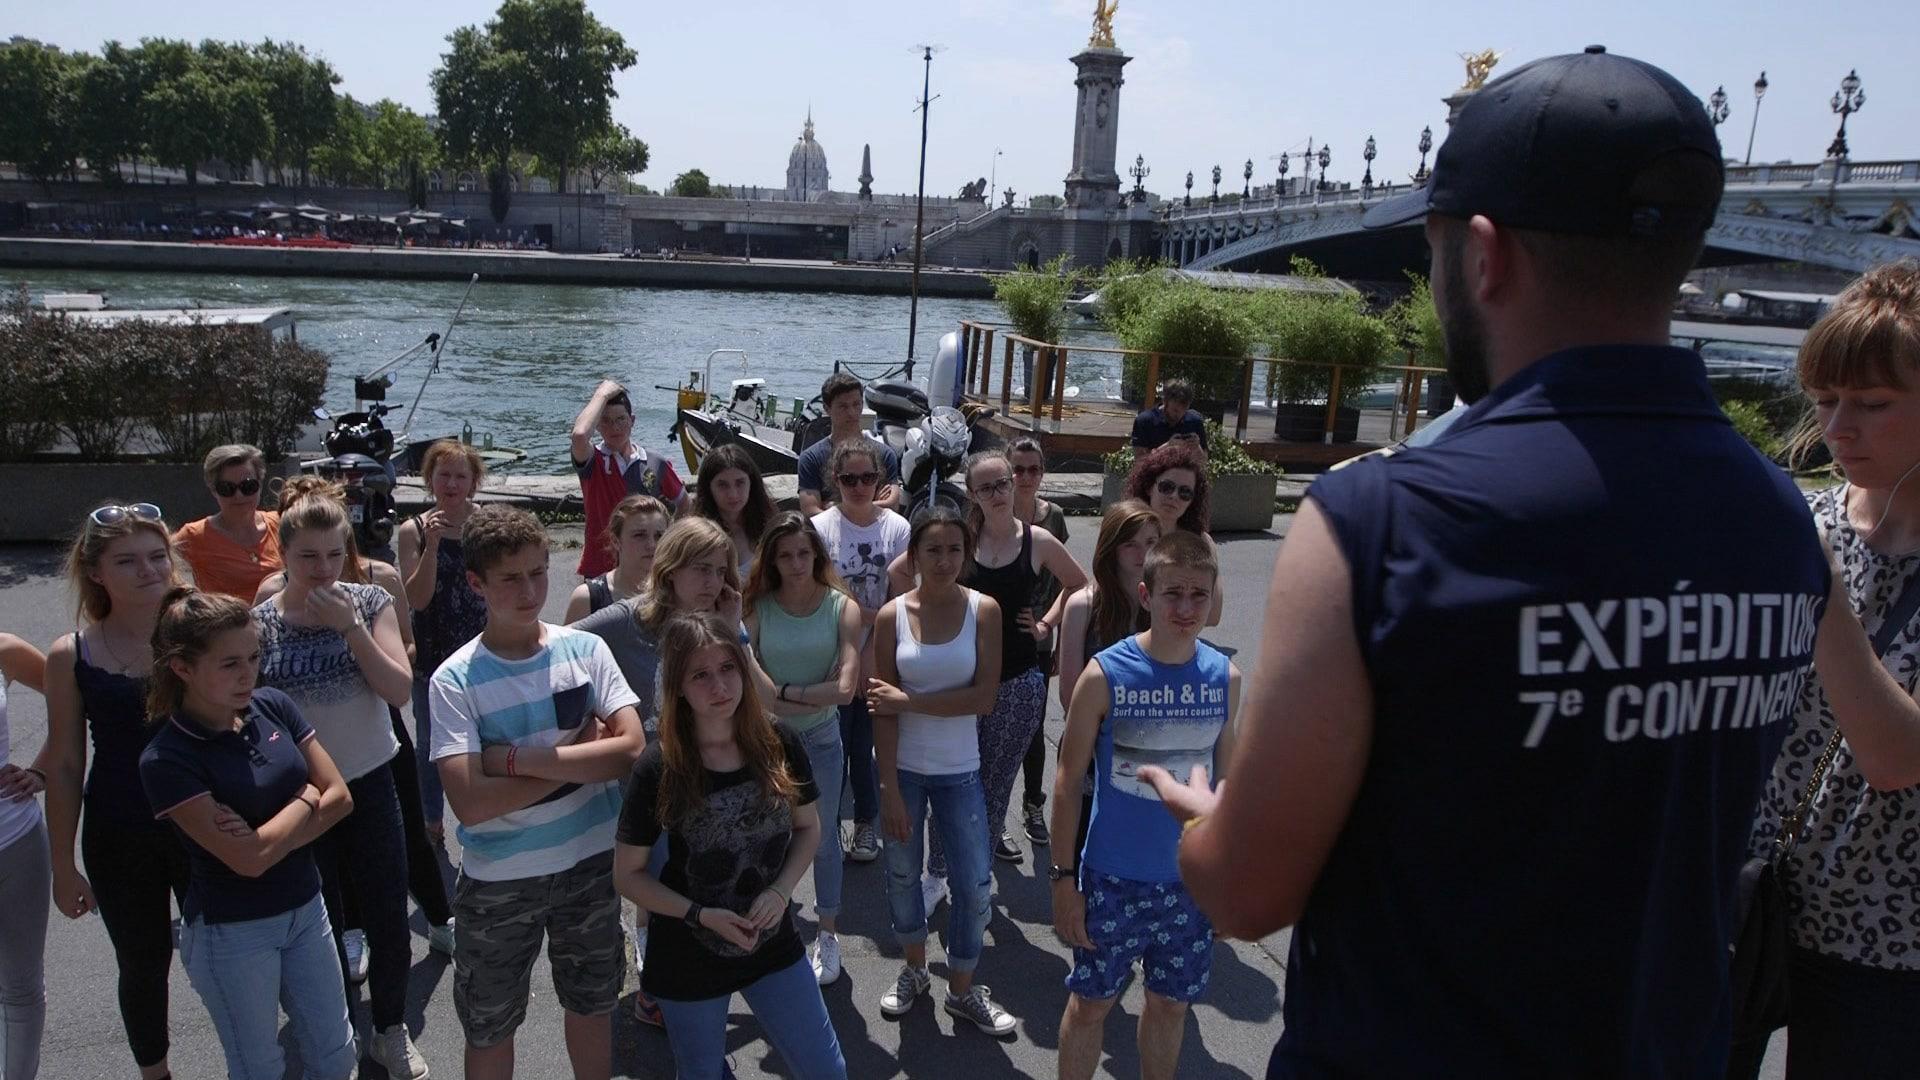 Expédition 7e Continent à Paris Pour Informer Le Public Curieux De Découvrir Le 7e Continent